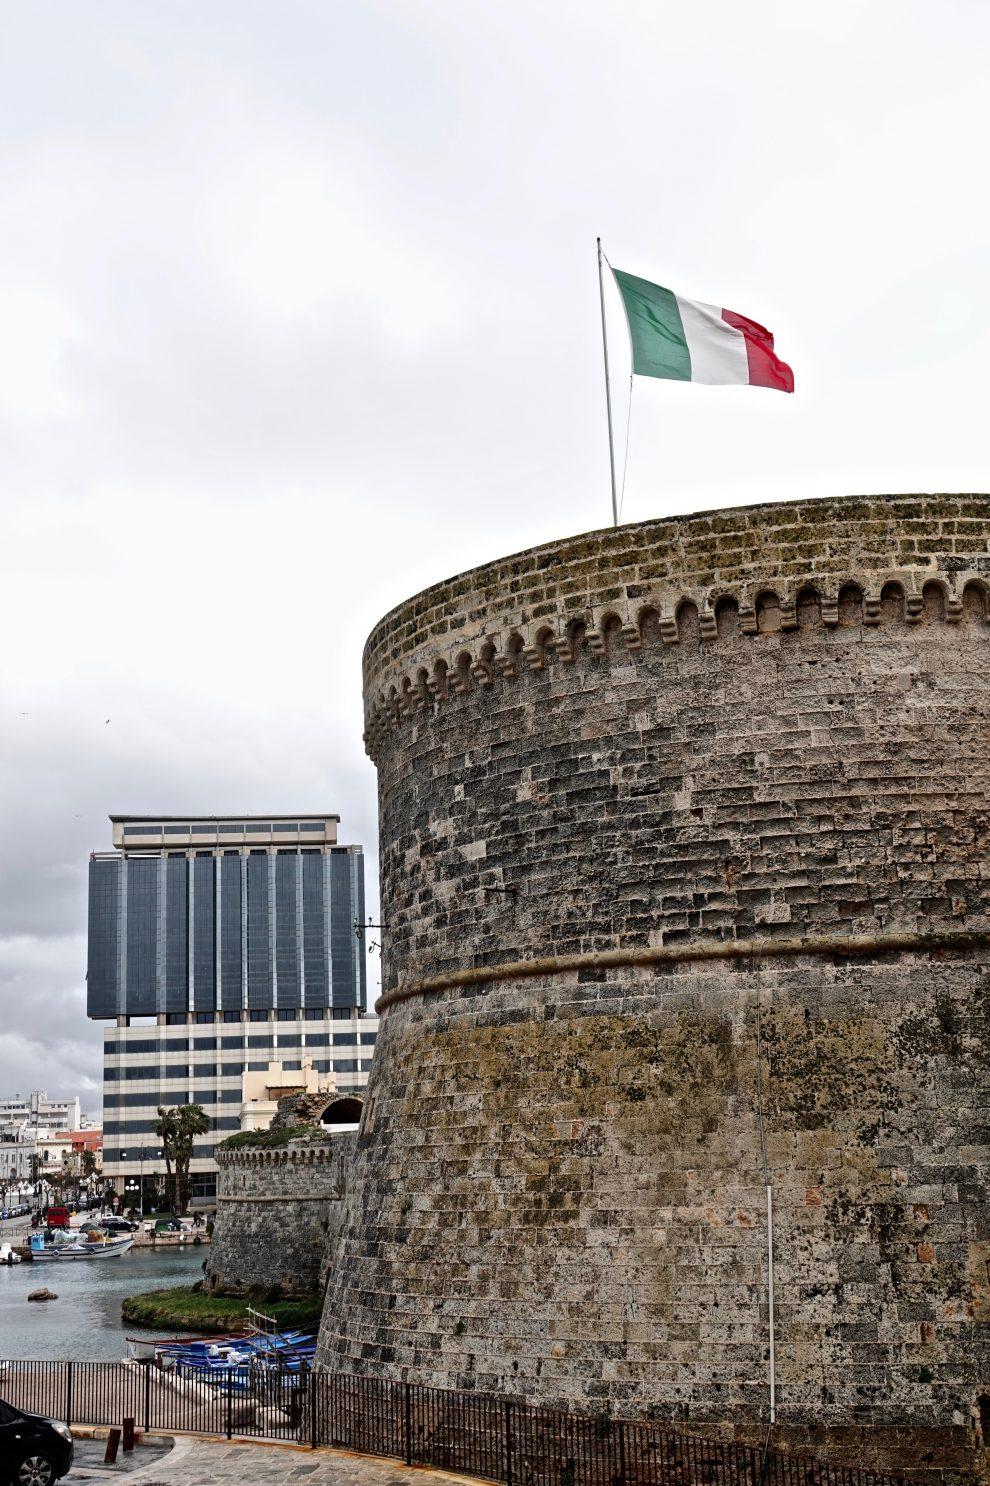 Ancora un contrasto: il castello Aragonese e l'hotel Bellavista.